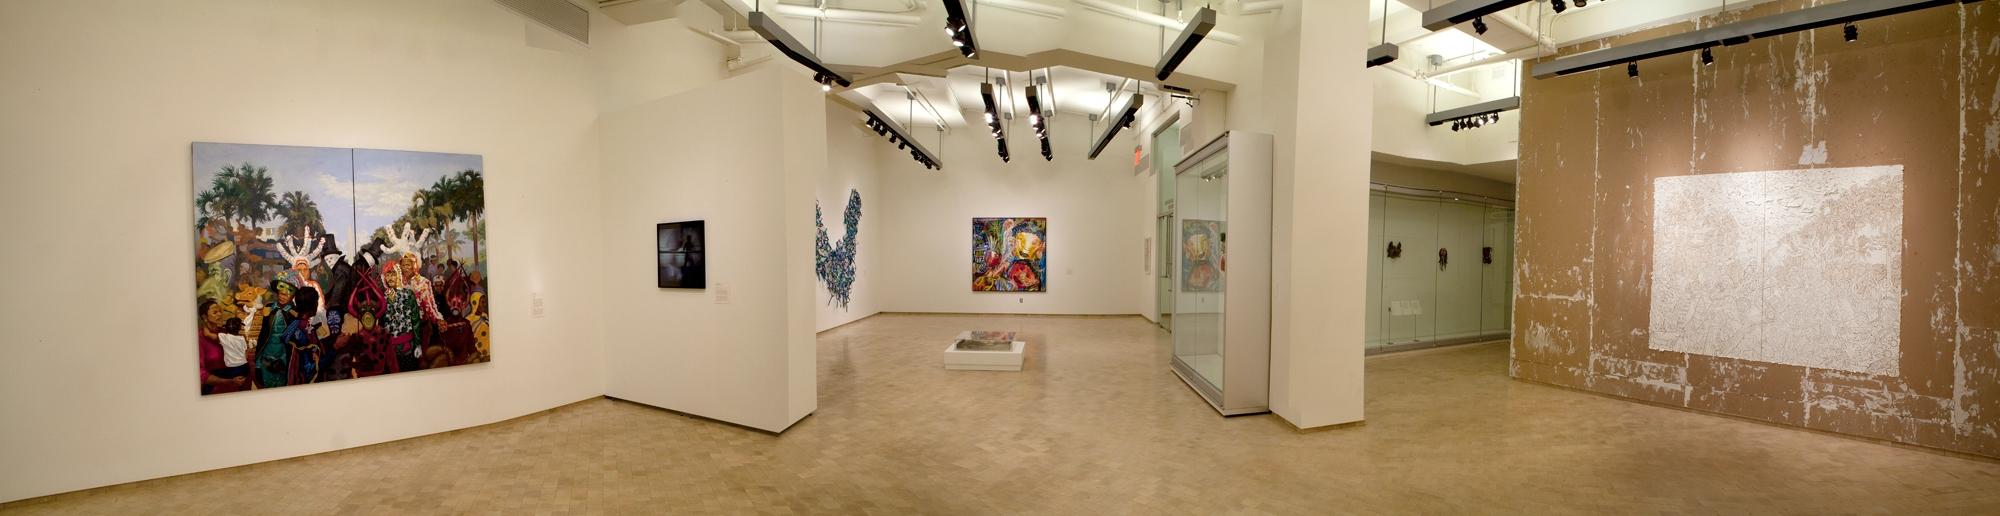 Pavel Acosta Wallscape El Museo 2013